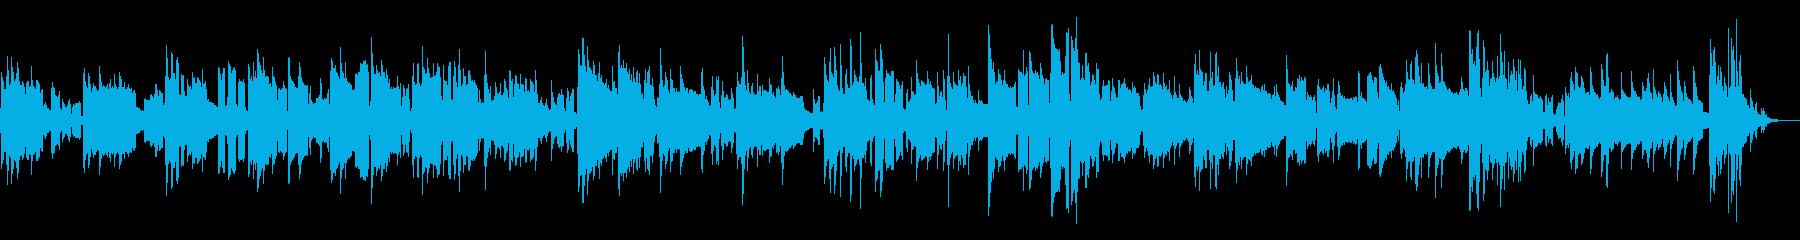 リコーダー 夜空 想いにふける素朴な曲の再生済みの波形